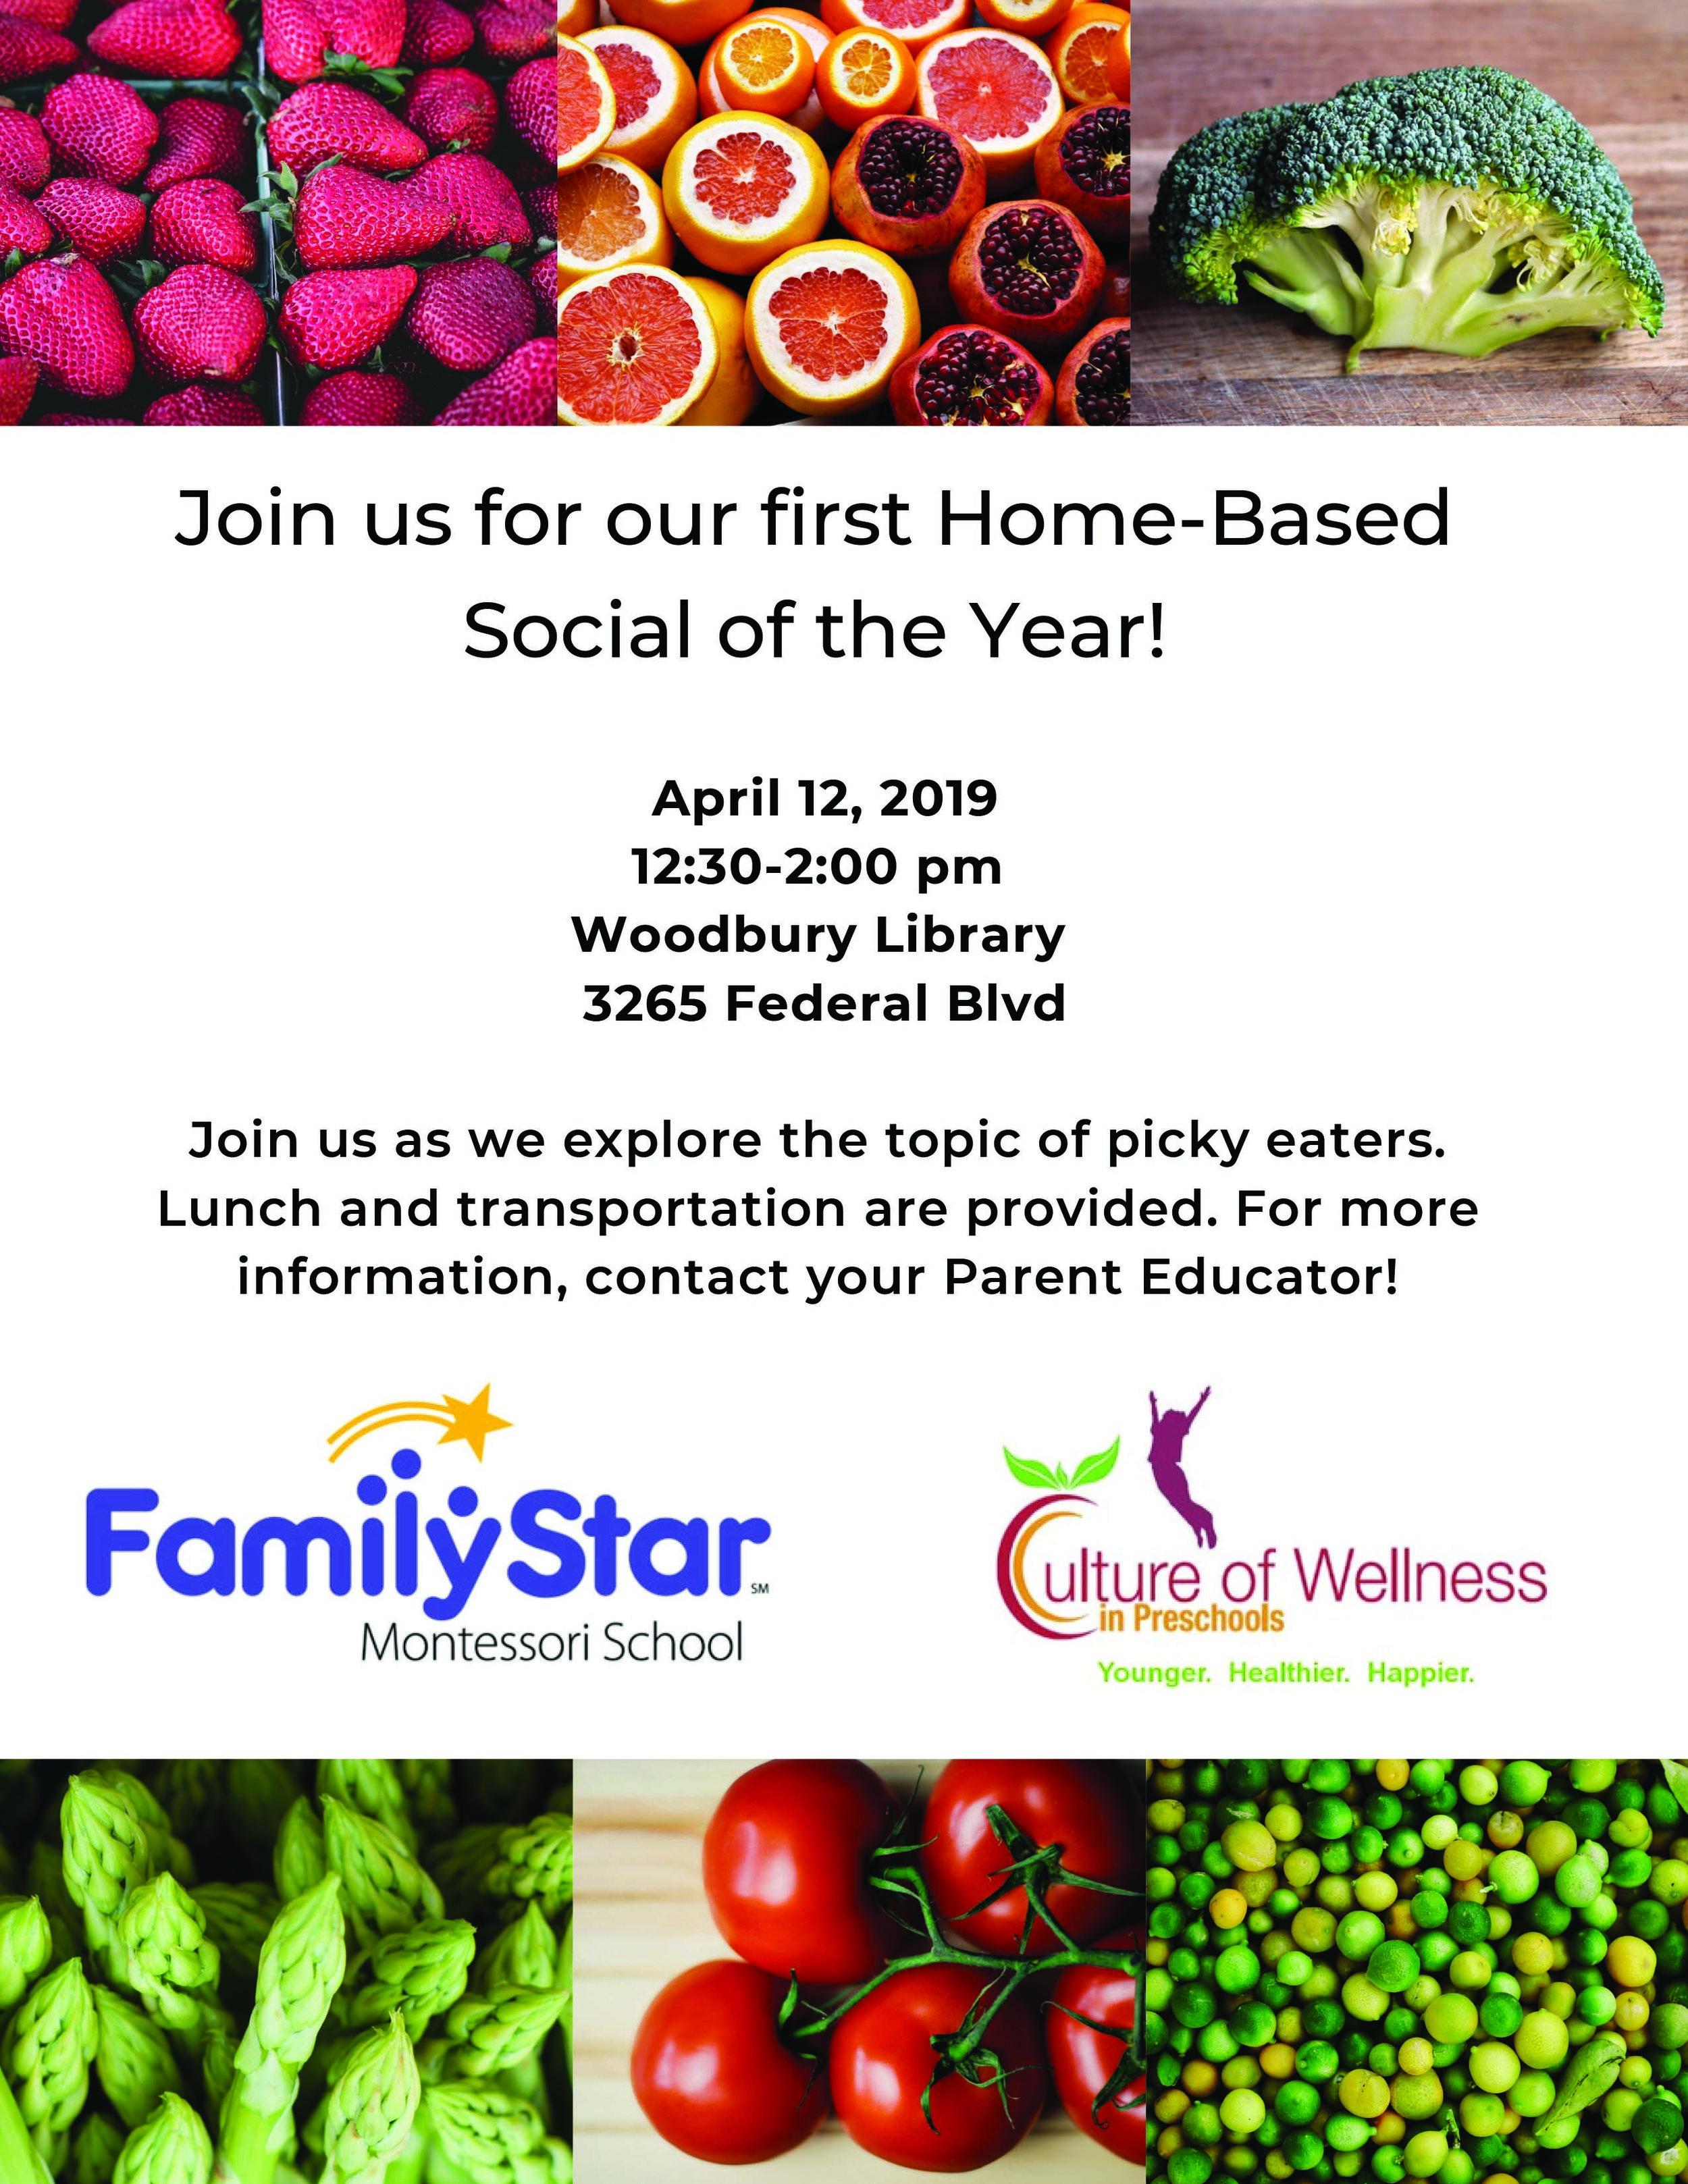 Home-Based Social Flyer April 2019.jpg